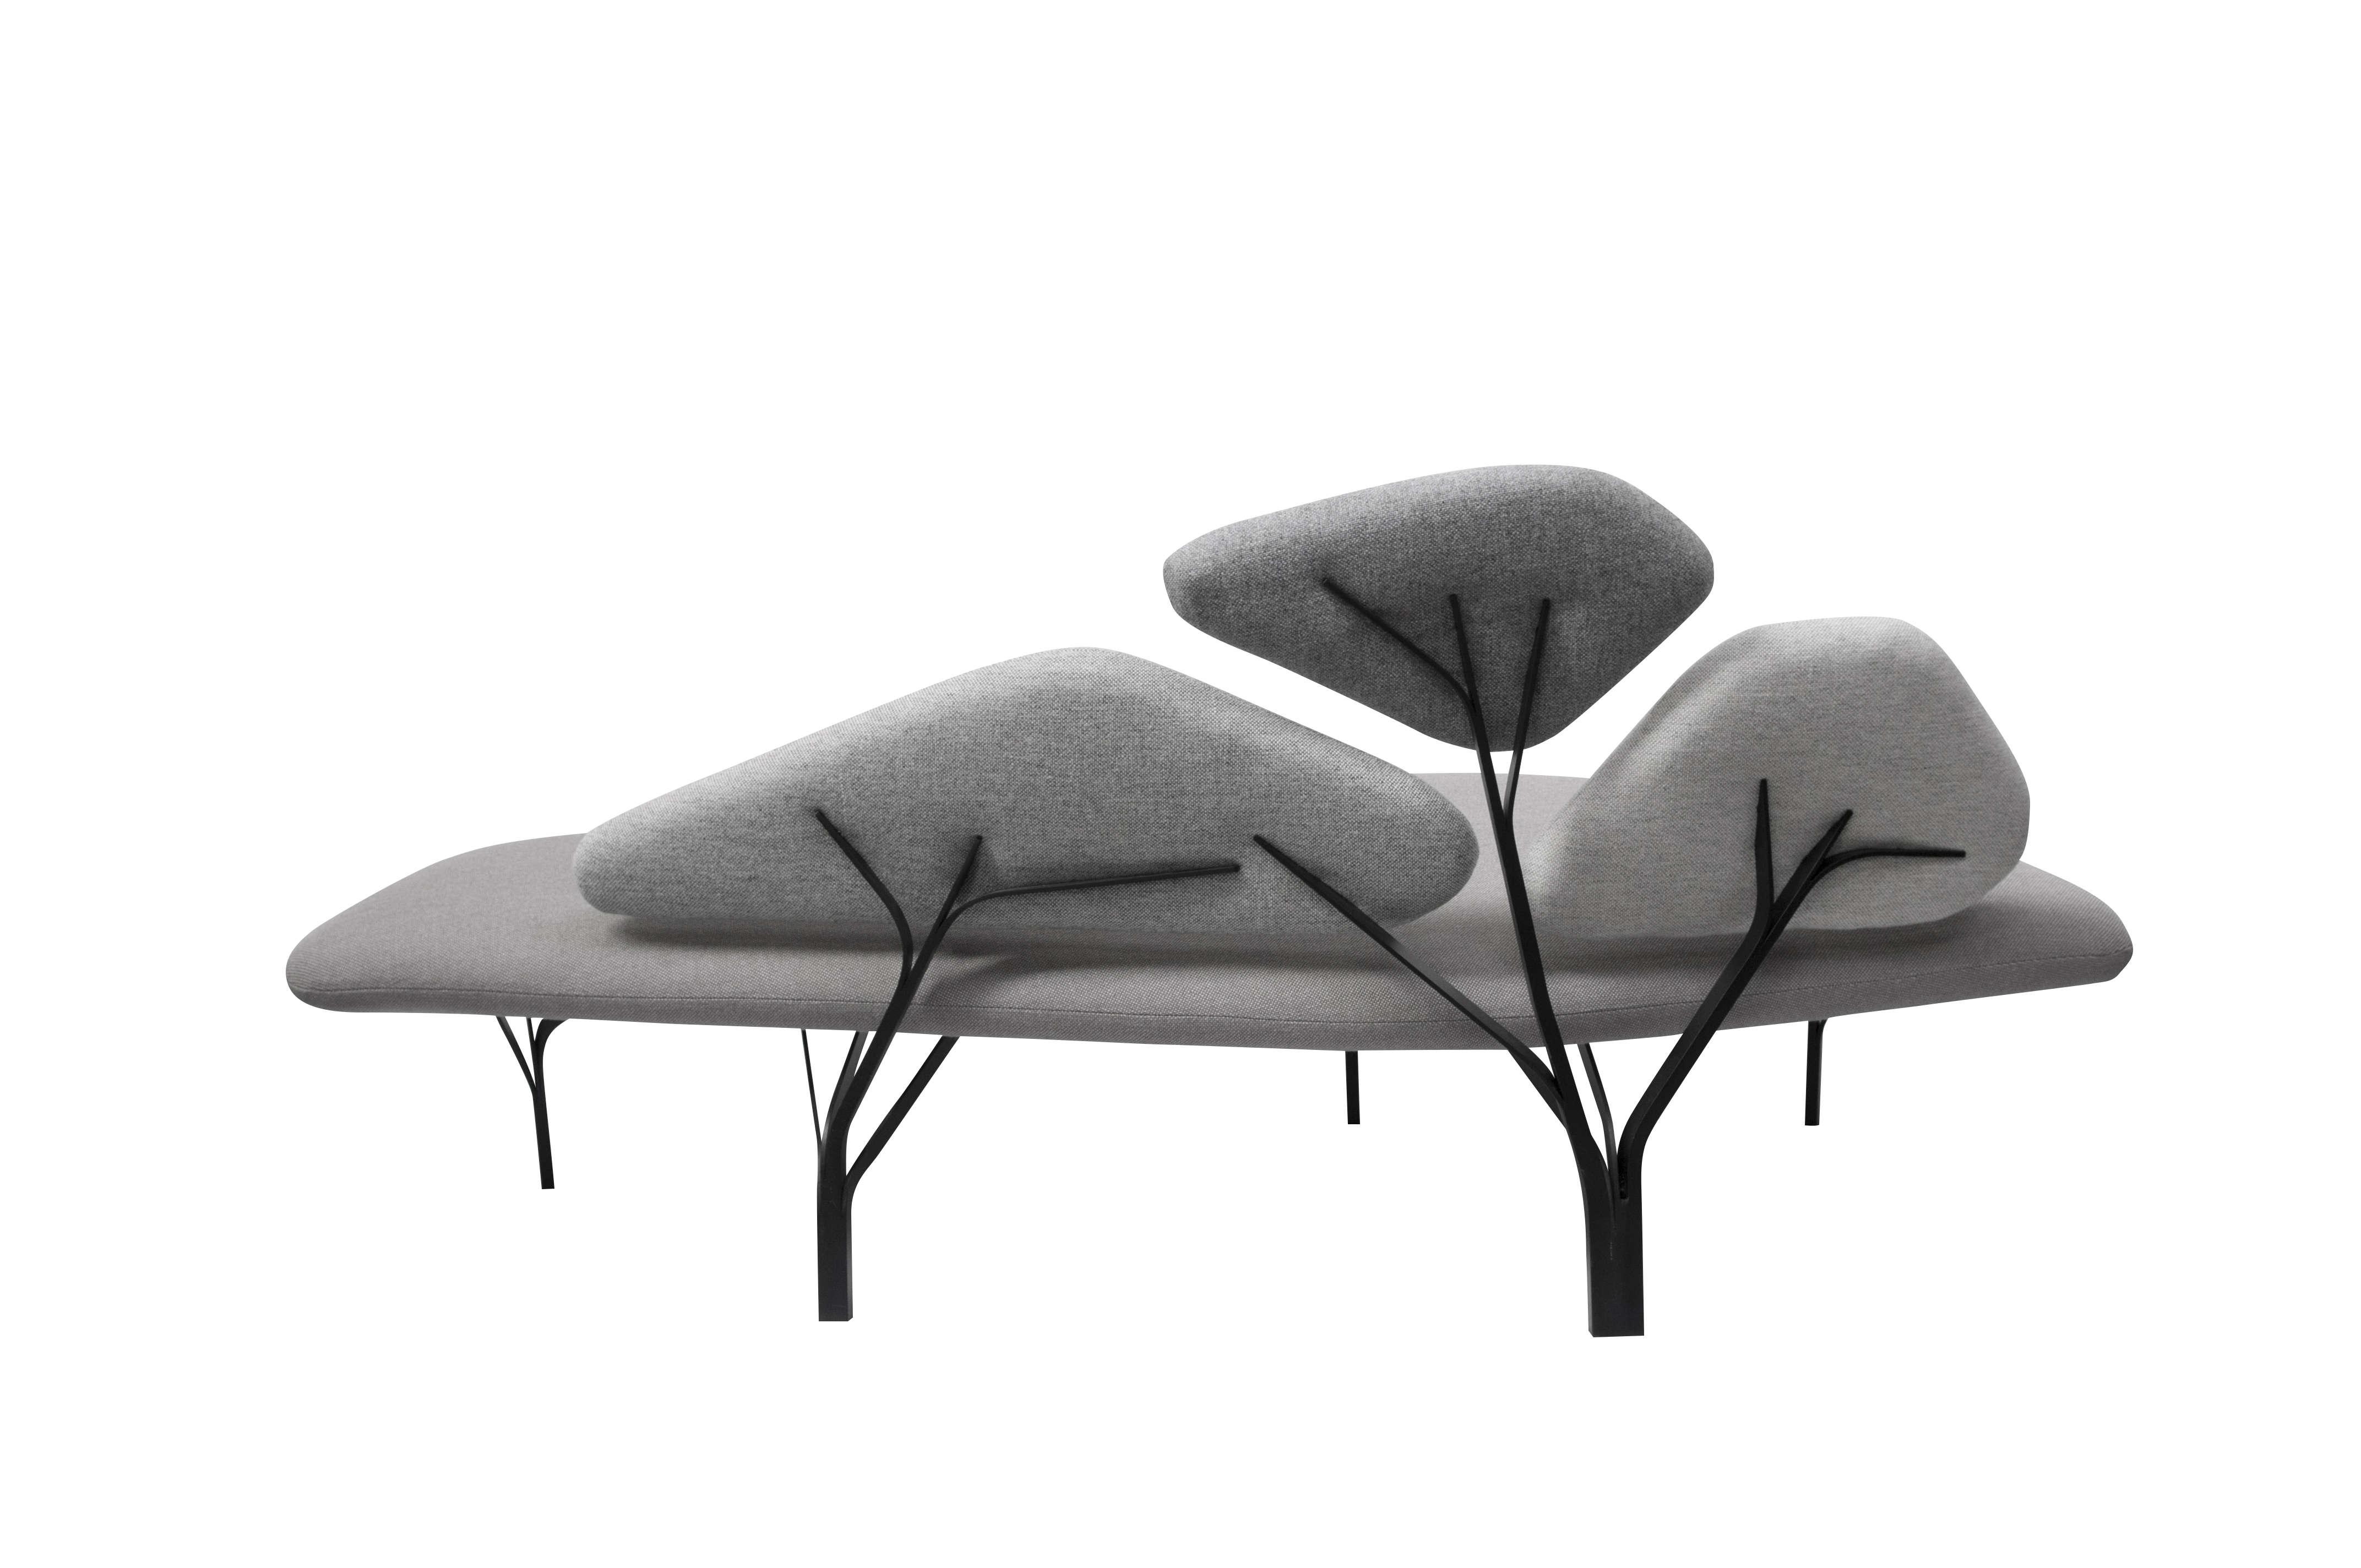 Le canapé Borghese a été inspiré par les pins parasols de la VillaBorghese au designerNoé Duchaufour Lawrance et édité par La Chance.